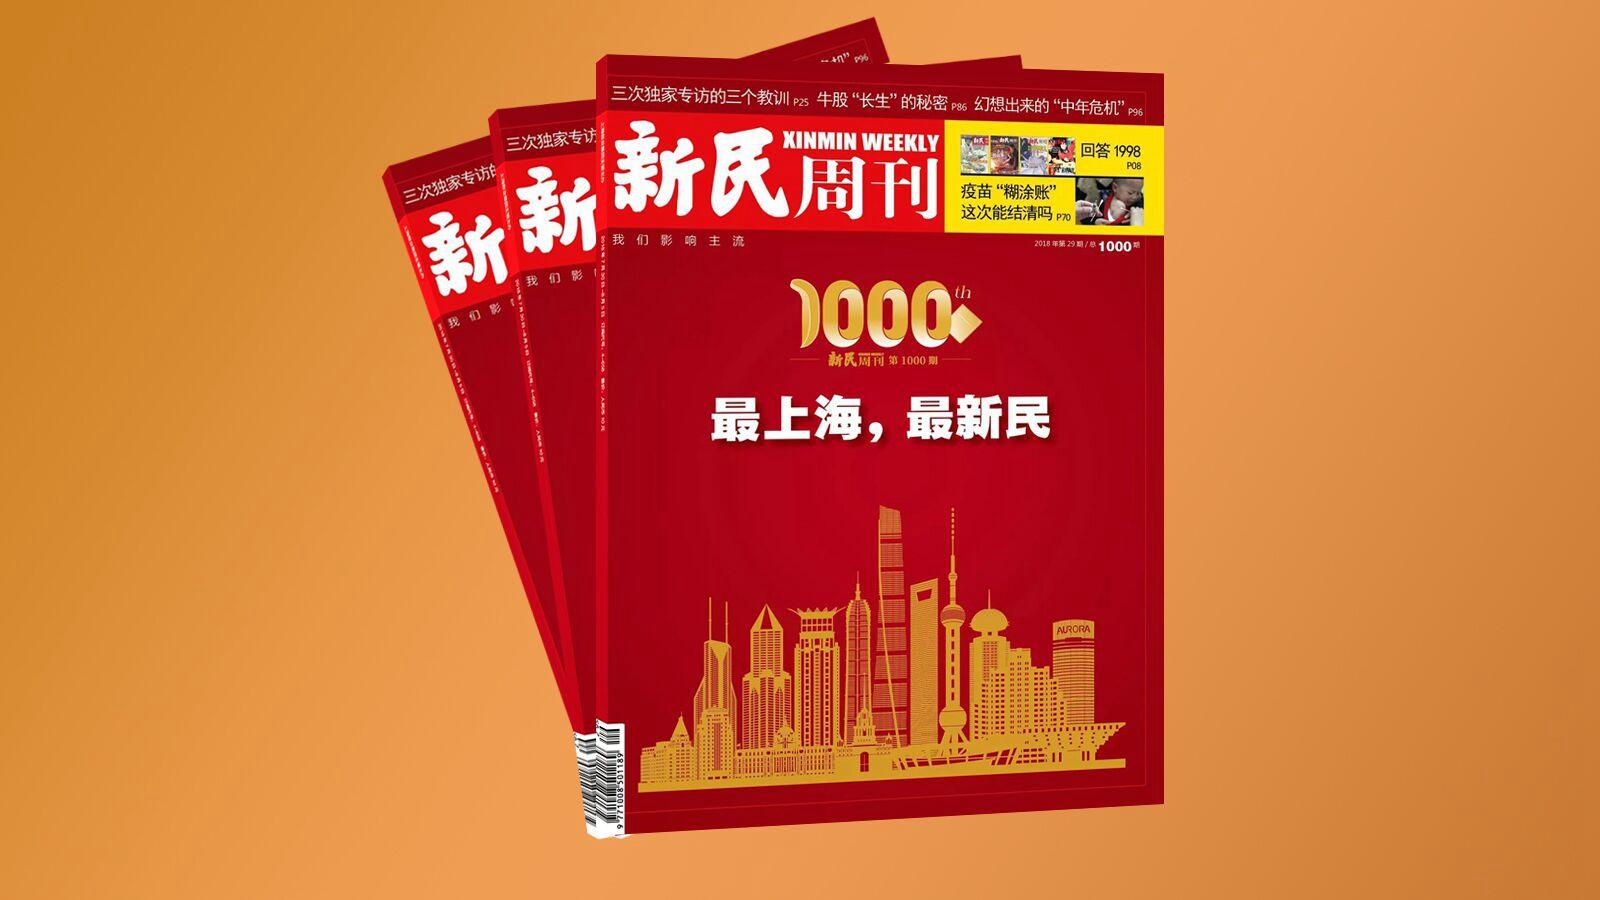 """超燃!""""最上海、最新民""""《新民周刊》1000期宣传片来啦!"""